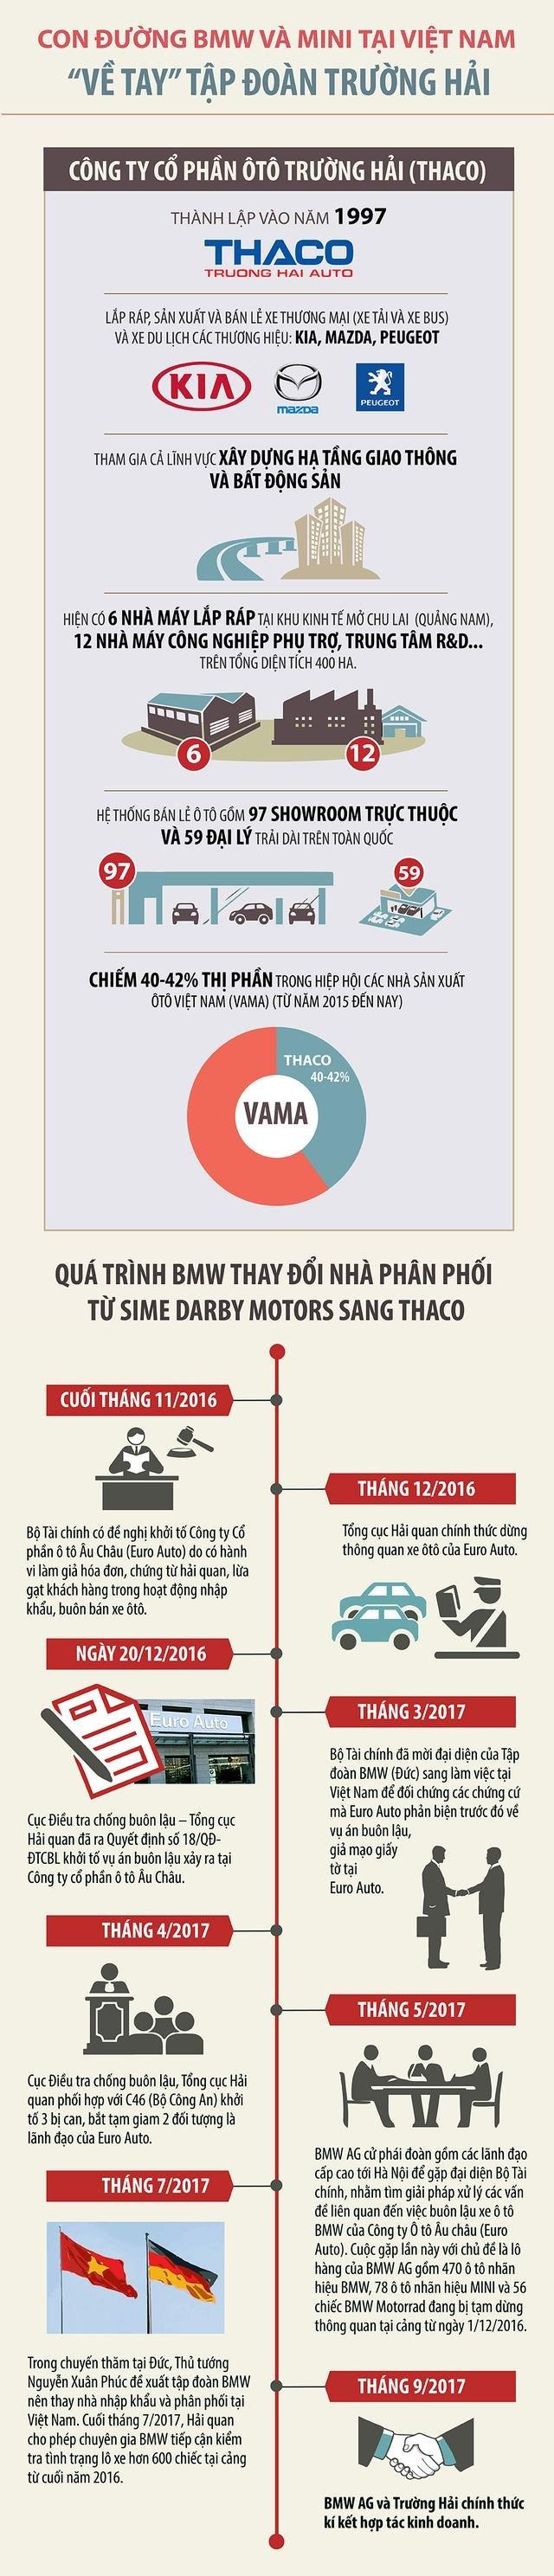 """Thị trường Việt: BMW - MINI và """"cuộc hành hương"""" về dưới trướng Thaco Trường Hải."""